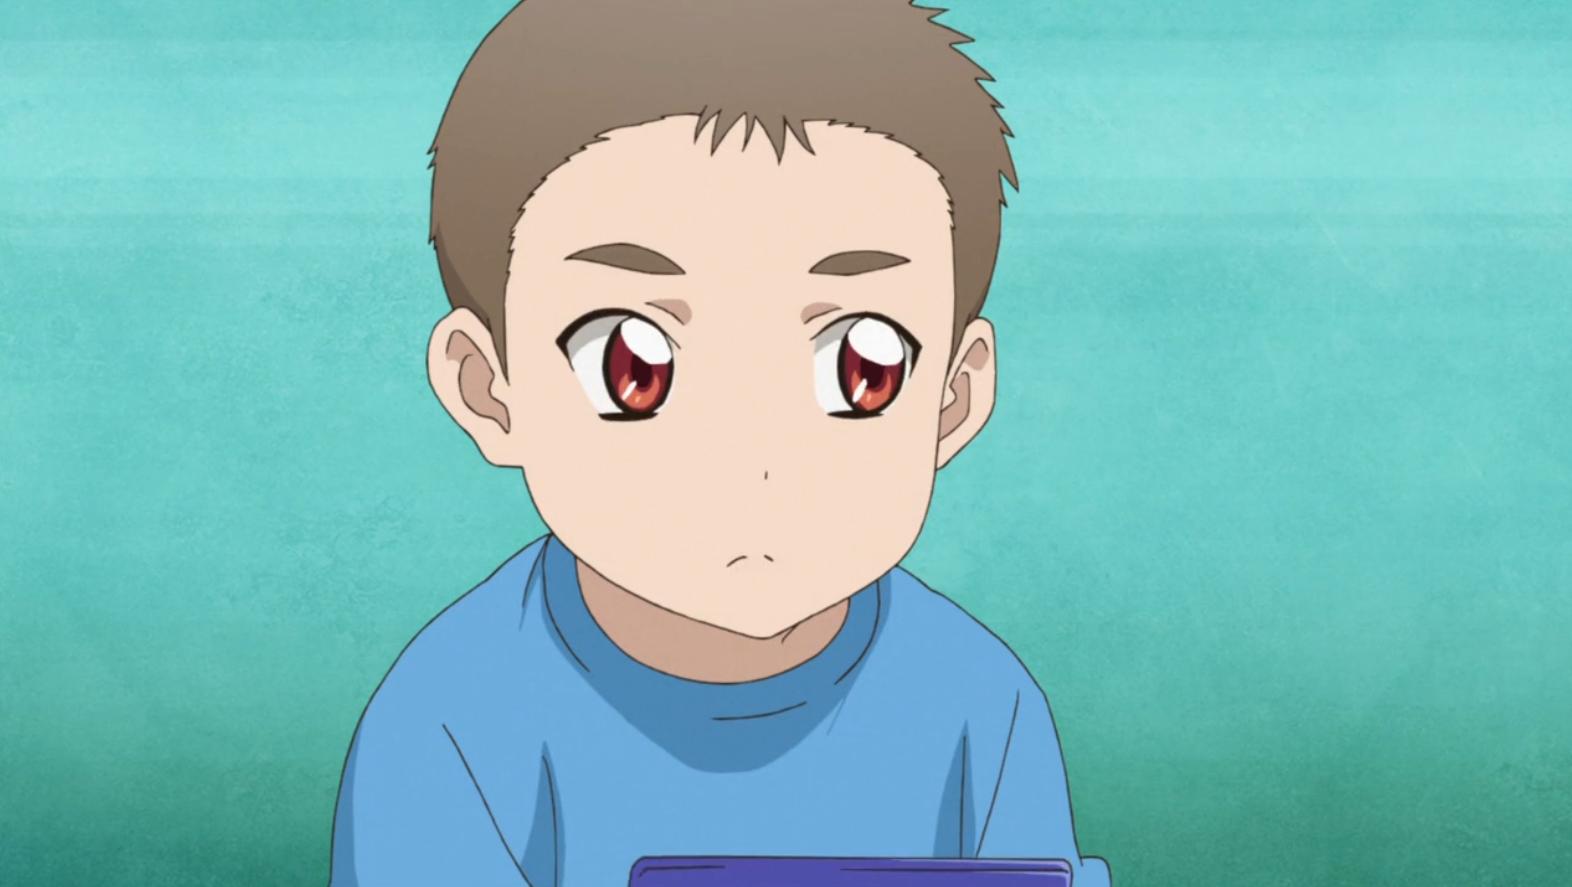 Minoru Daichi